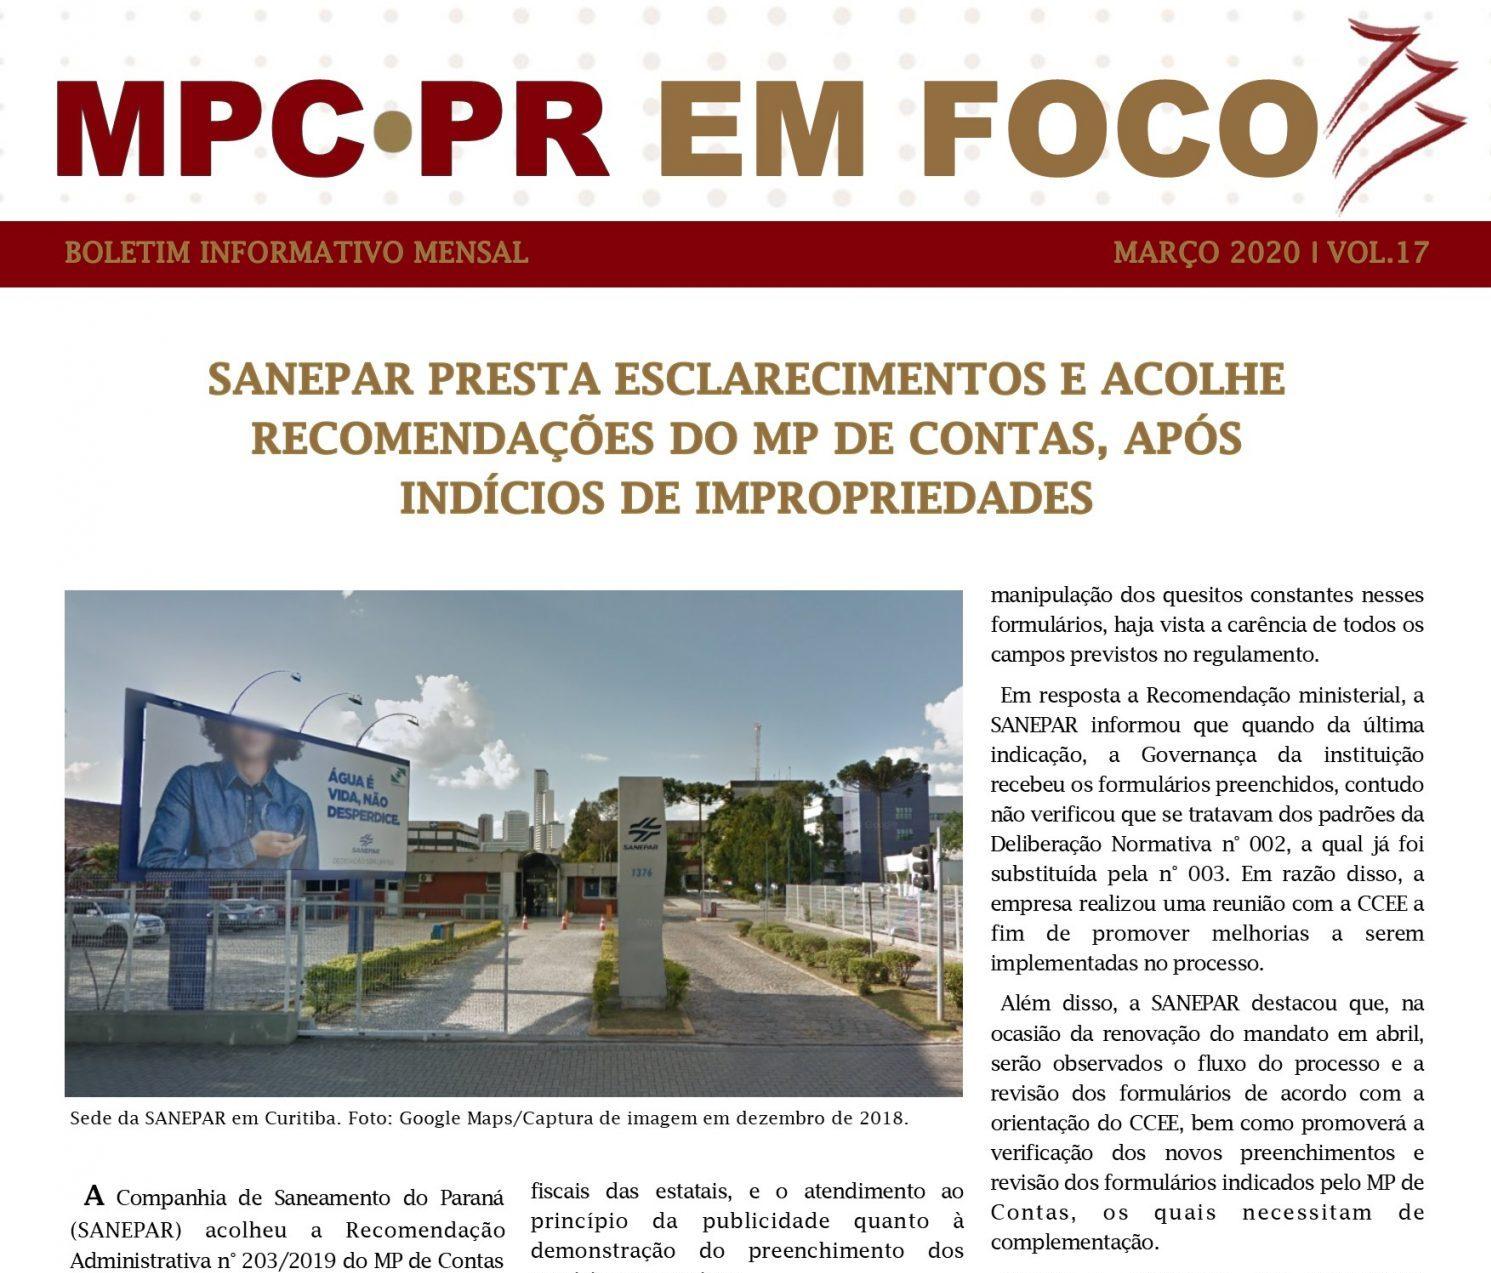 Boletim Informativo MPC-PR em Foco março/2020